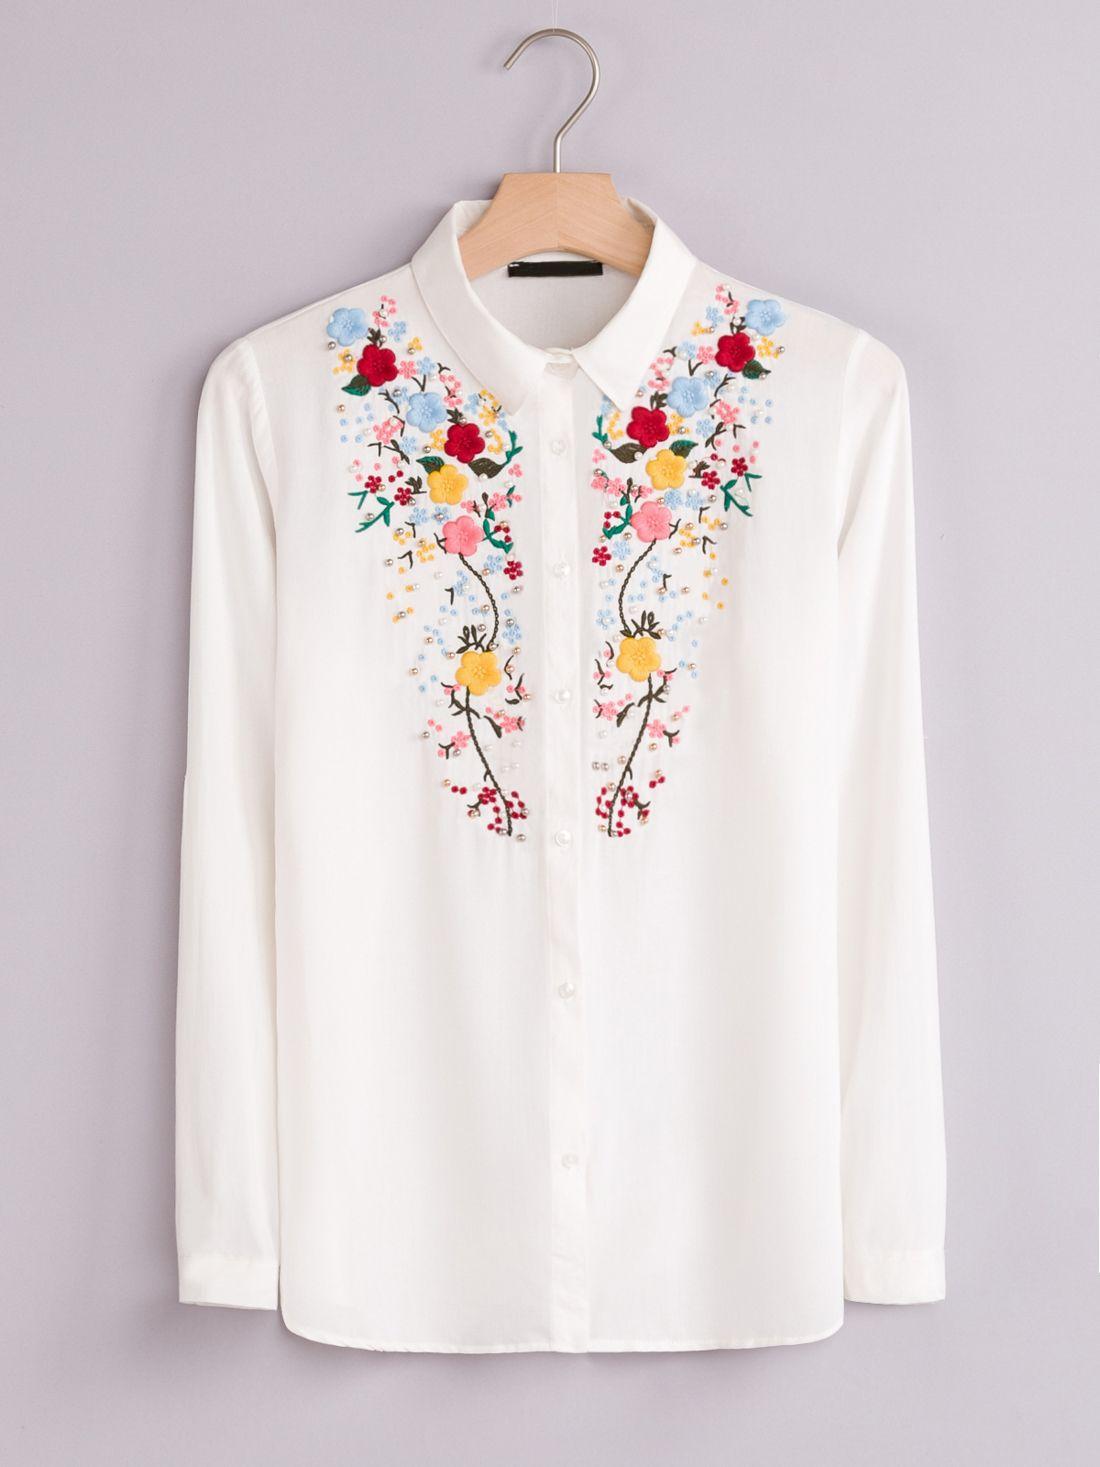 6485241affbb1 KOSZULA DAMSKA Z HAFTEM I PEREŁKAMI - koszule na każdą okazję w sklepie  FLORENCE ME